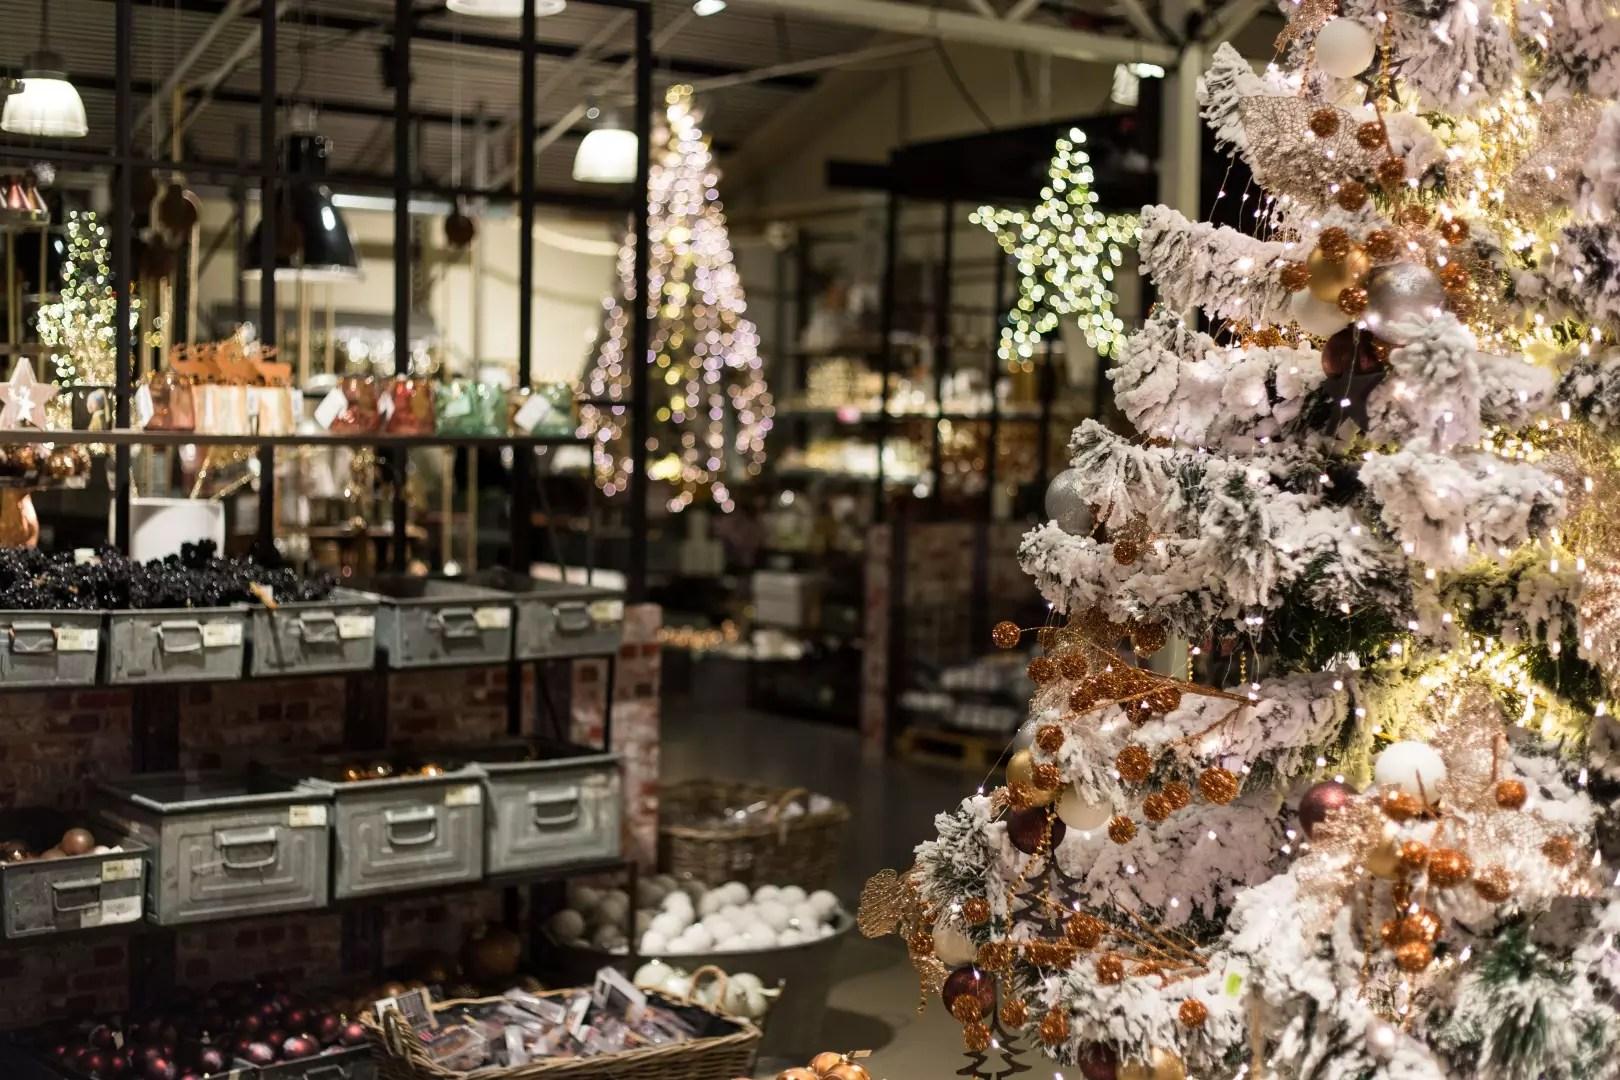 Feestdagen | Droom kerst bij Intratuin +win-actie! - Woonblog StijlvolStyling.com